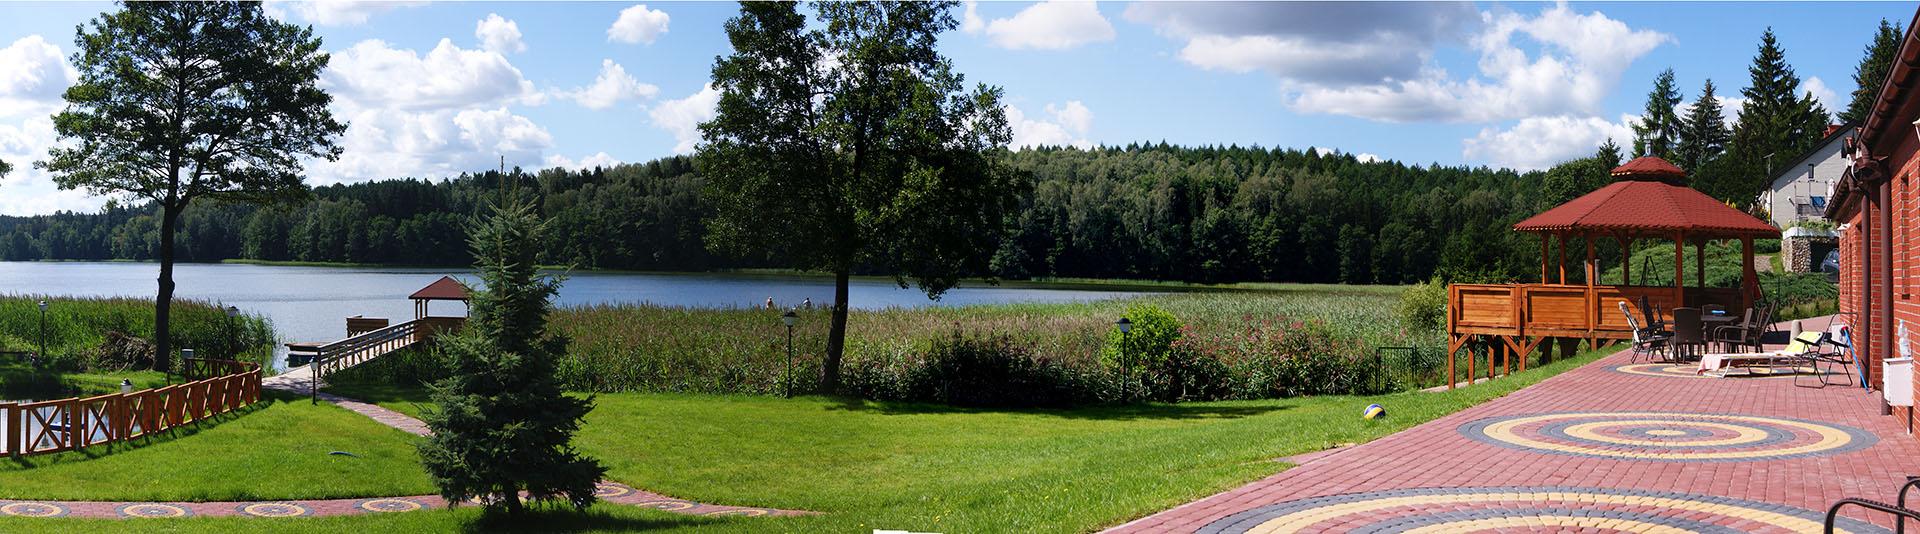 Tumiany_Panorama_2